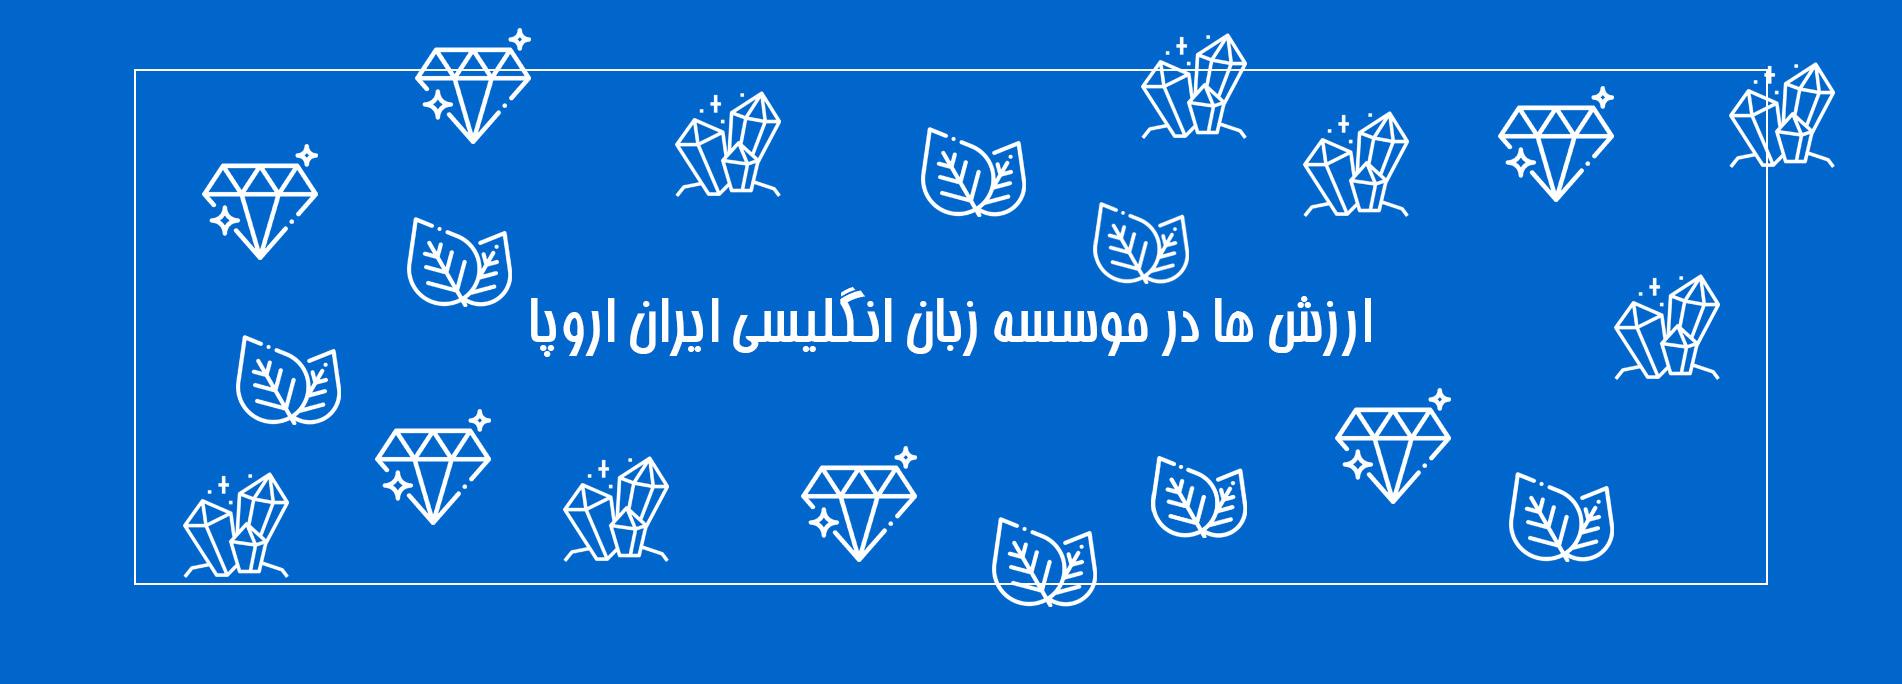 ارزش ها در موسسه زبان ایران اروپا